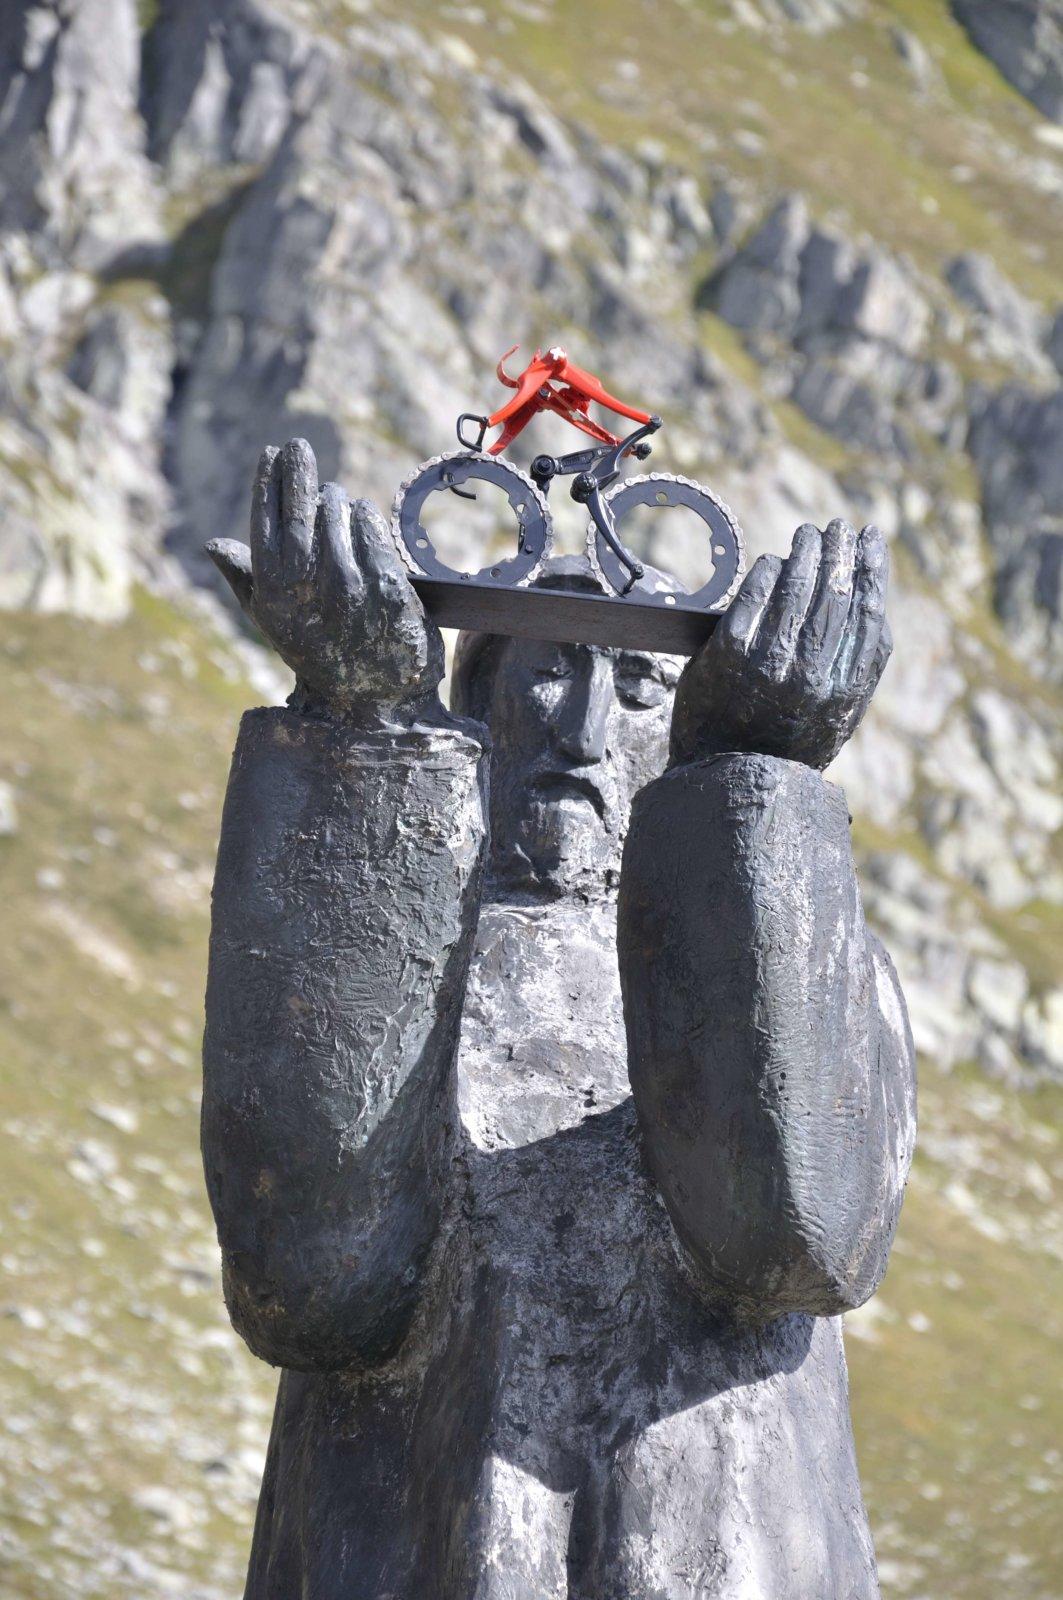 Siwss Champion Cyclist Gotthardpas Switzerland Hubert Van Soest Decreatievelink Cyclingart